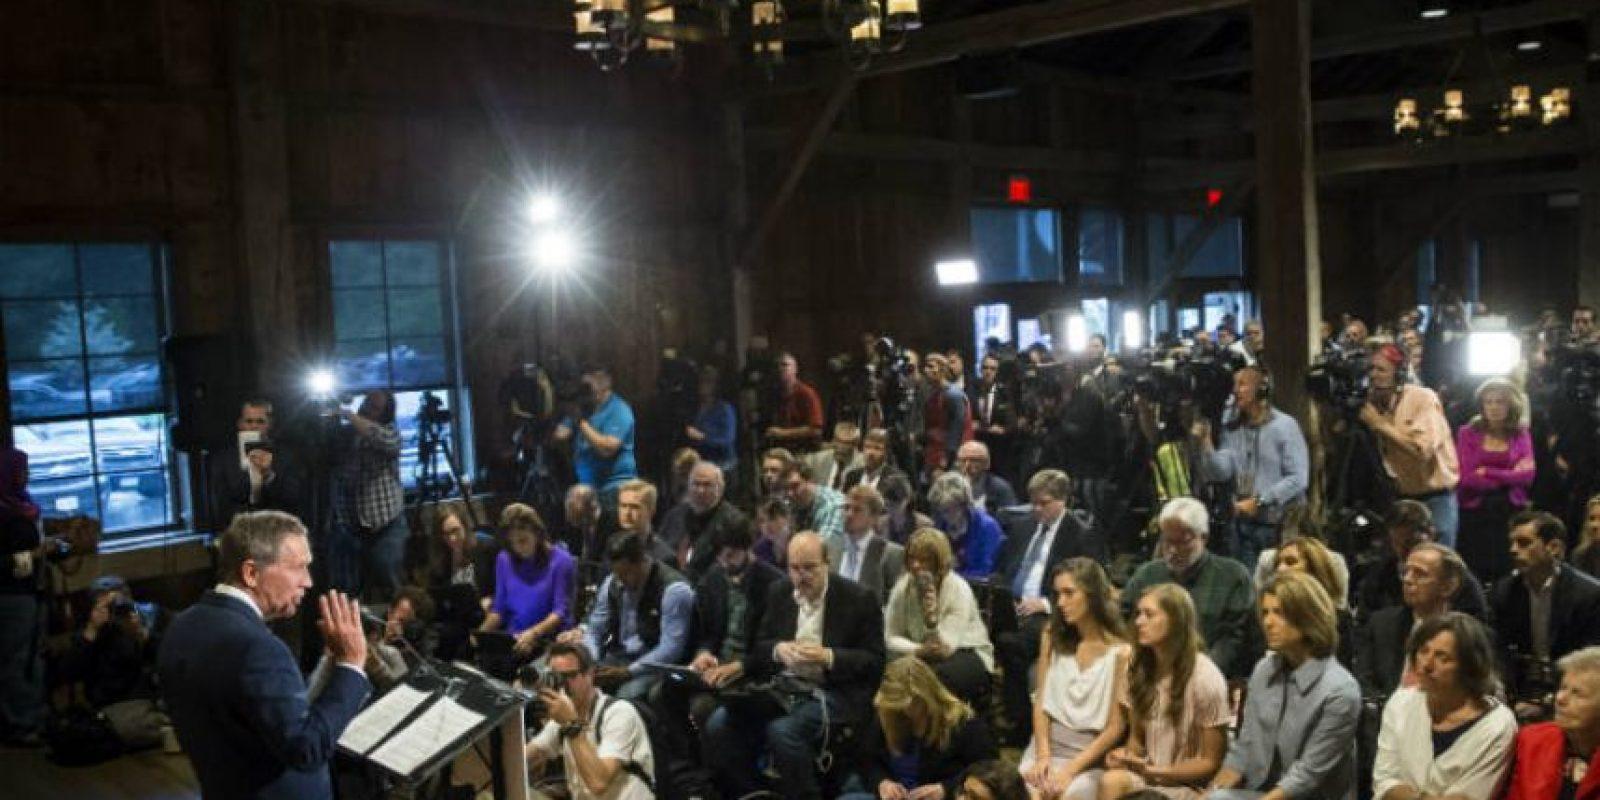 La Convención Nacional Republicana se celebrará en julio, en donde designará oficialmente al candidato presidencial Foto:AP